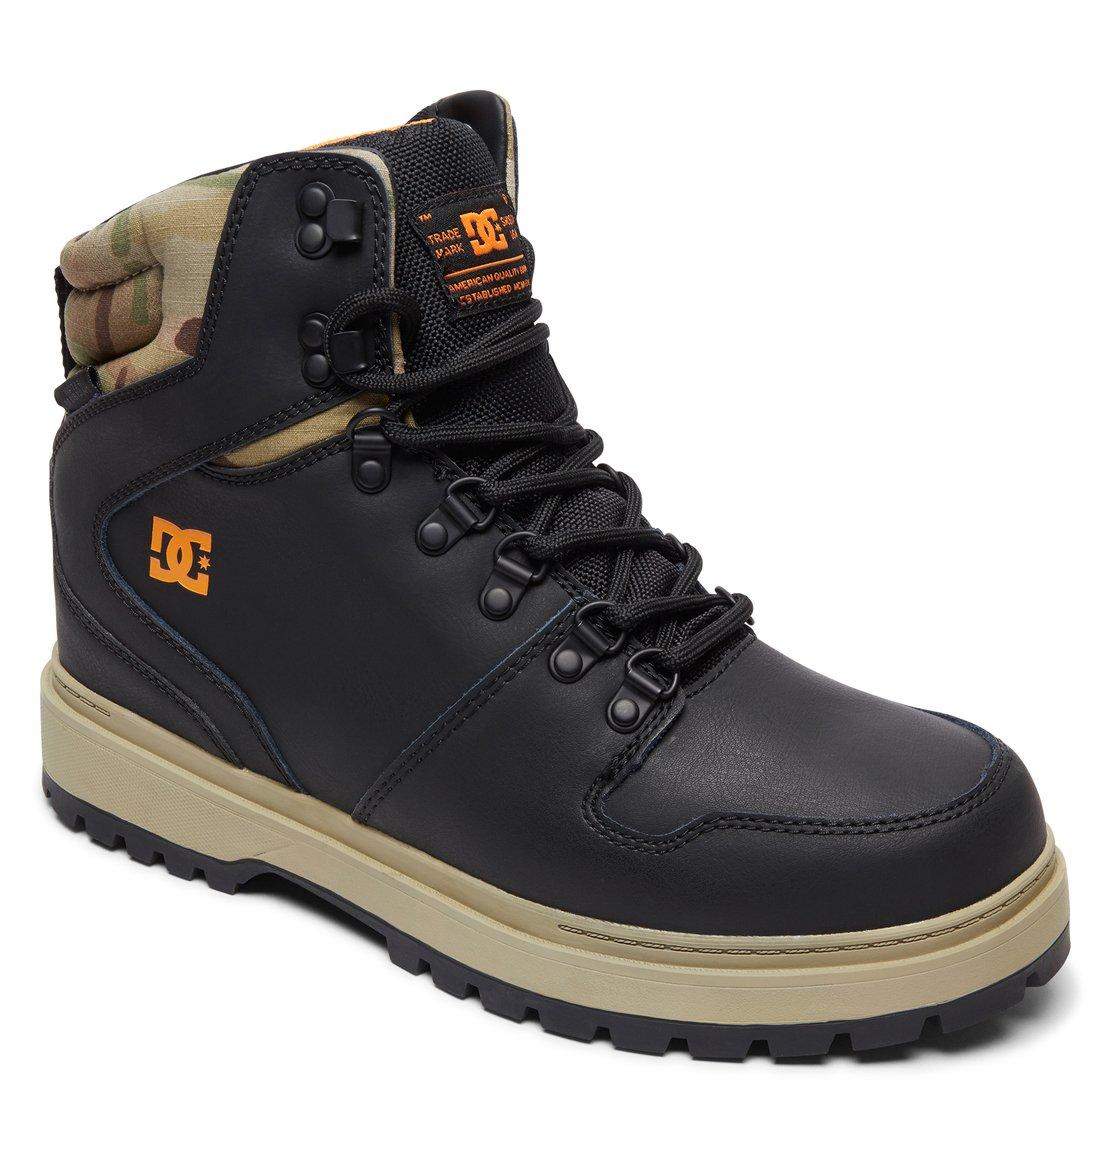 Peary Stiefel für Männer ADYB700022 | DC Shoes